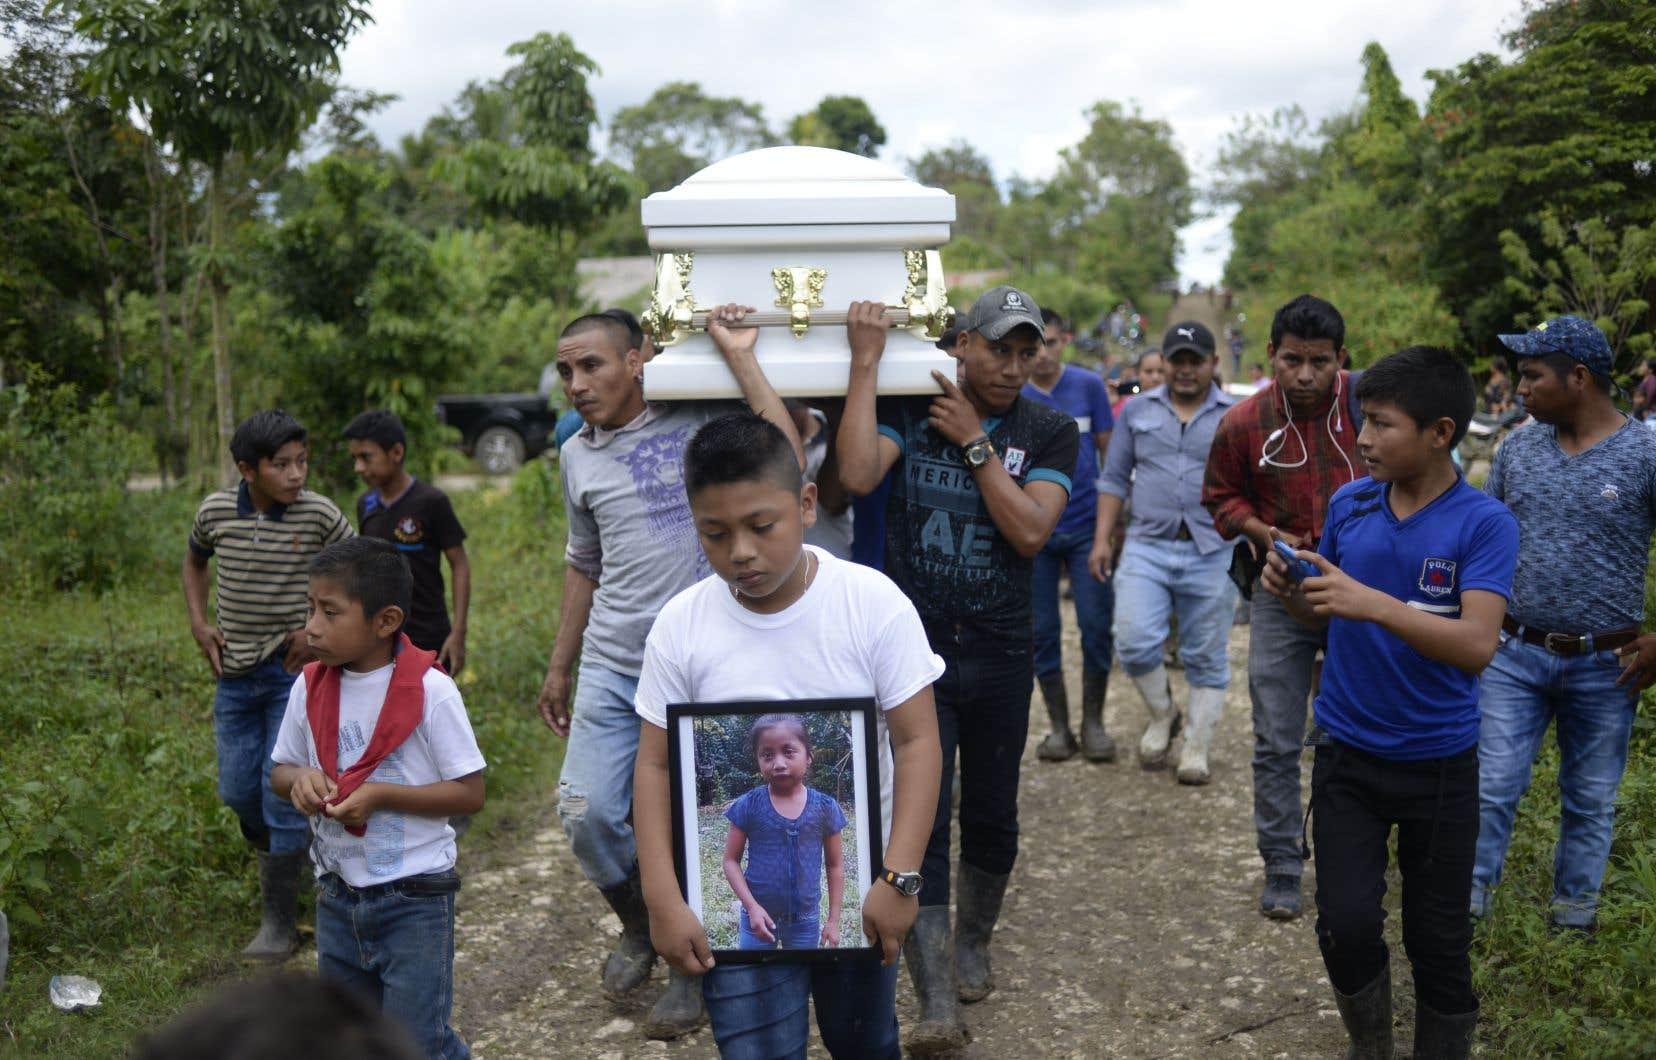 Ce nouveau drame survient quelques jours après le décès de Jakelin Caal, sept ans, enterrée mardi dans son pays natal, au cimetière de San Antonio Secortez (Guatemala).